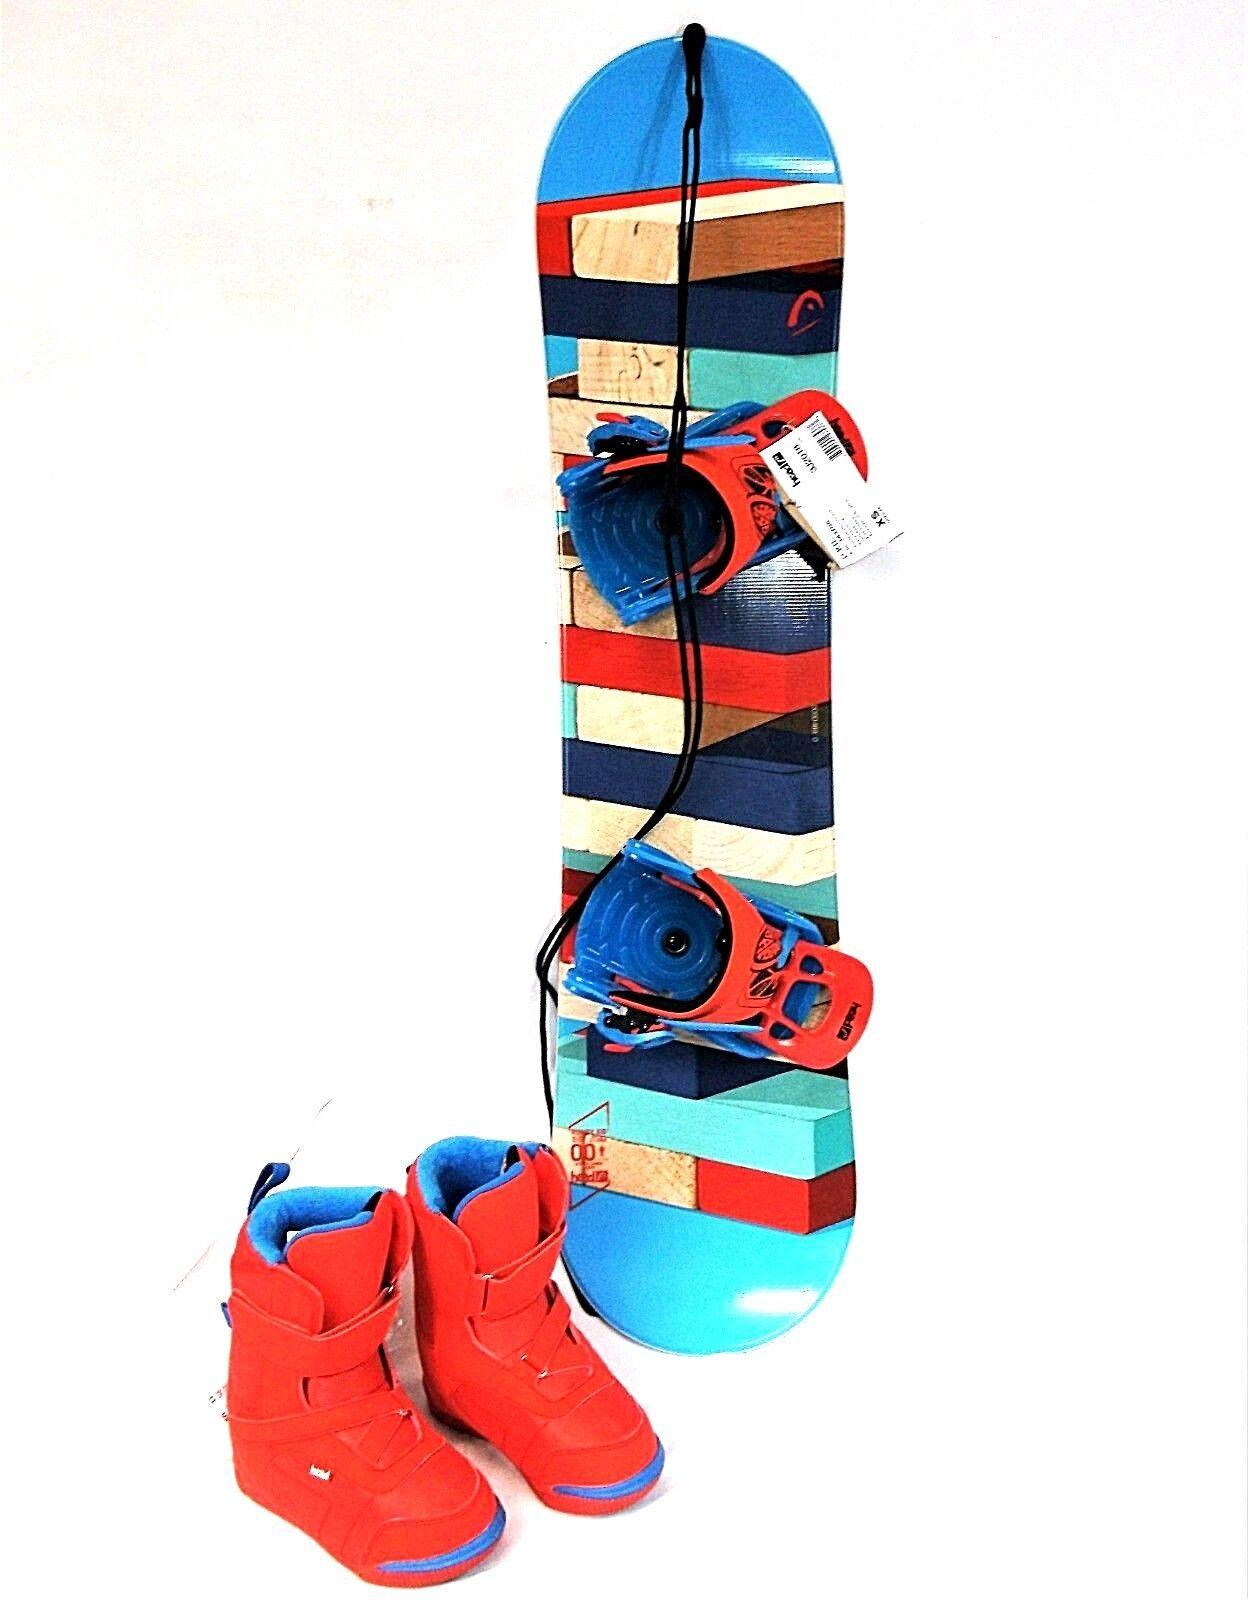 HEAD Rowdy Kind Snowboard Package 100cm Board, Bindingen &B laarzen (FITTD W INFO)